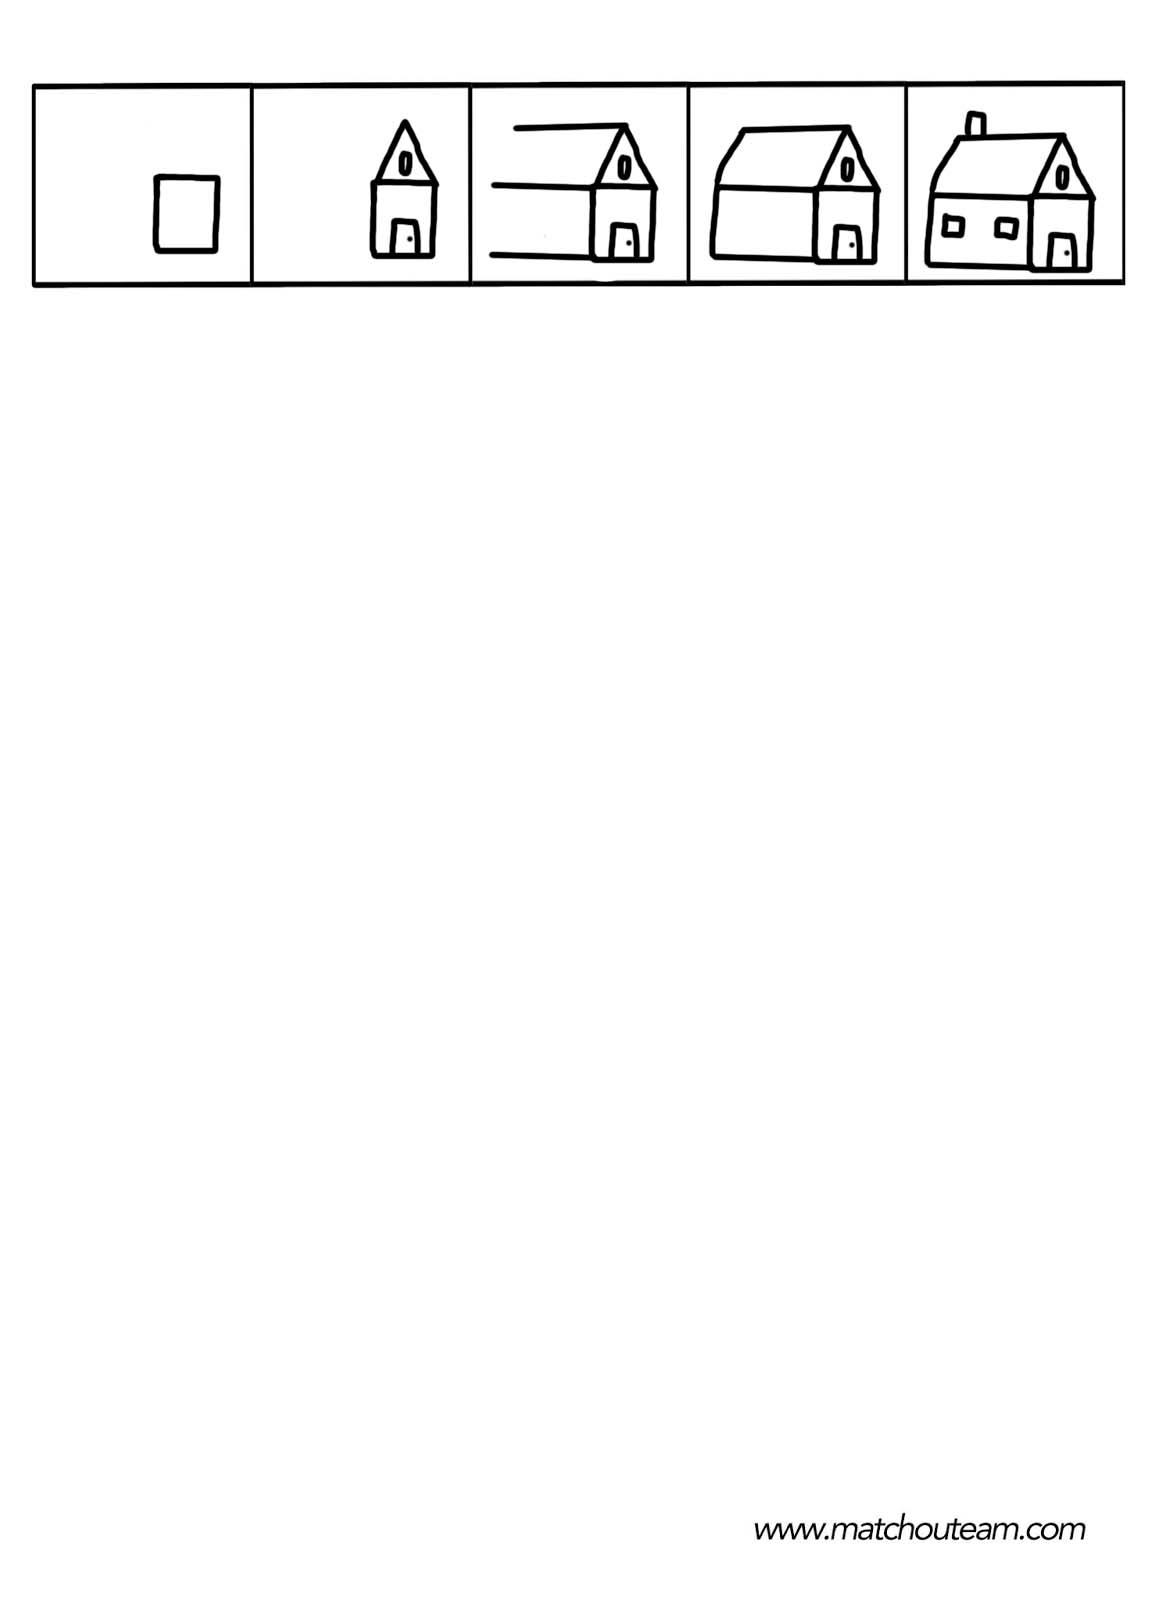 dessiner ma maison en ligne tiitii dans une maisonnette